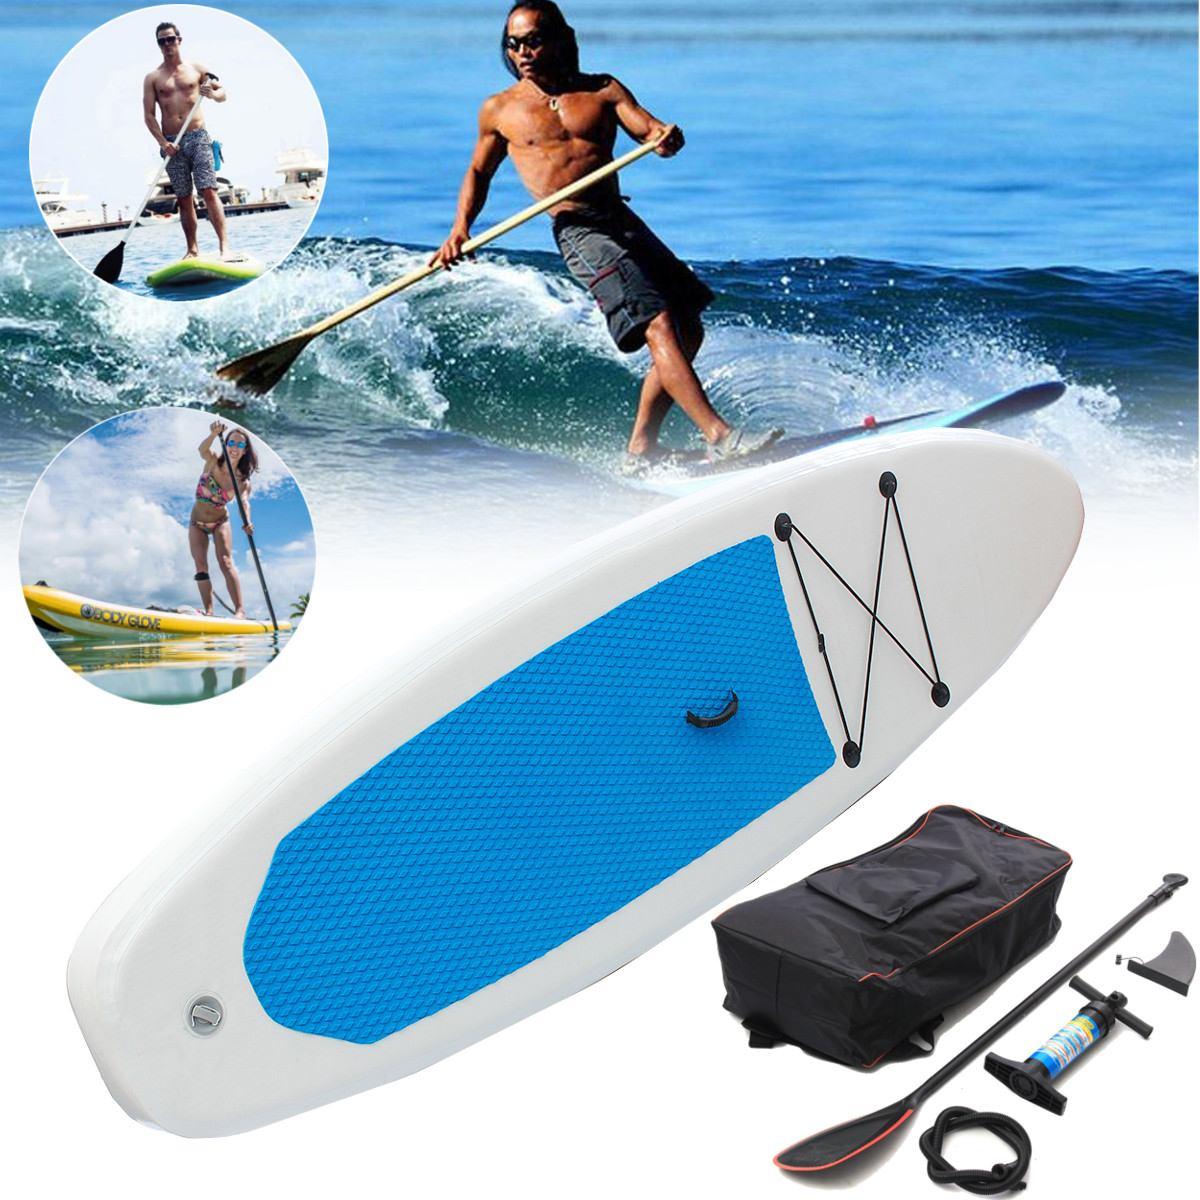 Gofun 310*68.5*10 cm Stand Up Paddle planche de surf gonflable planche SUP Set W ave Rider + pompe planche de surf gonflable bateau à aubes